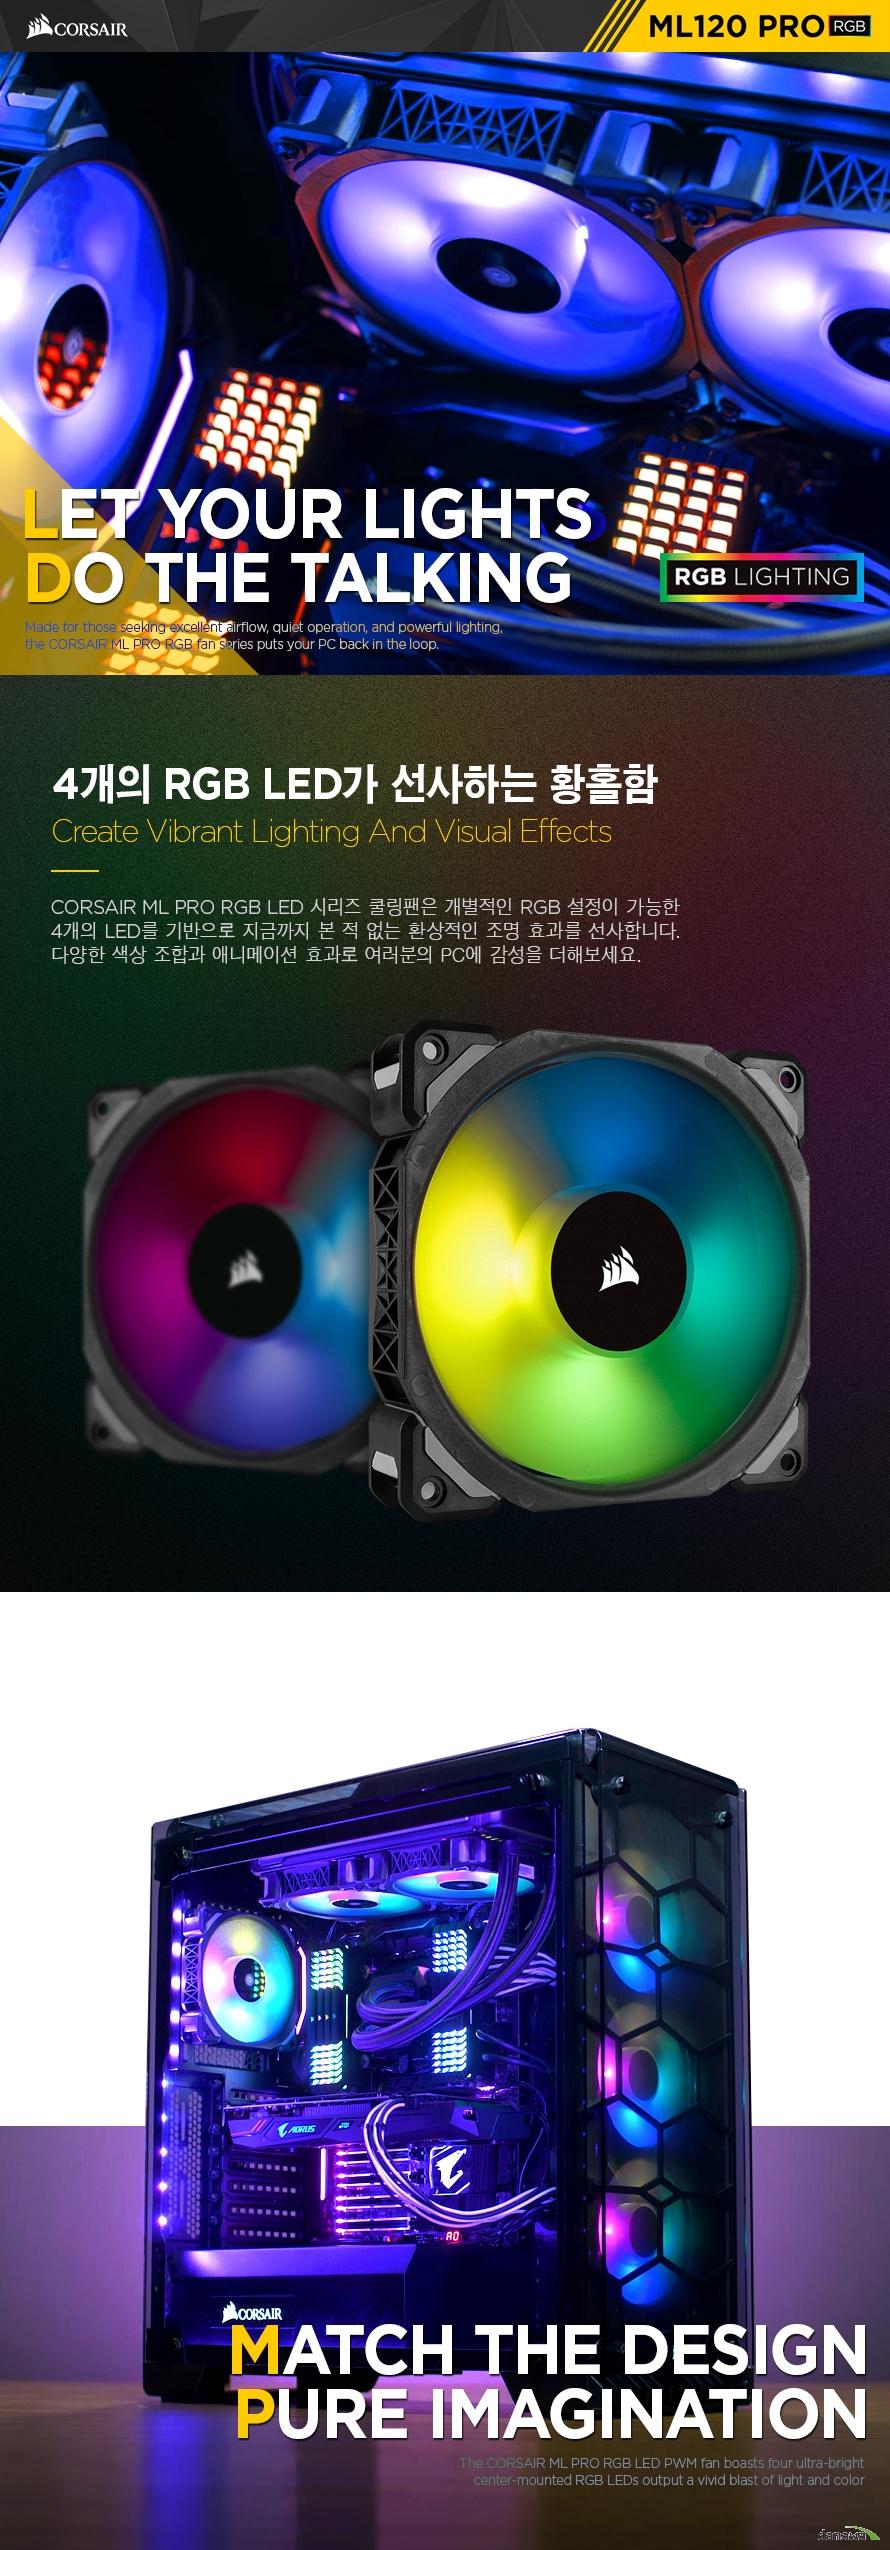 CORSAIR ML PRO RGB LED 시리즈 쿨링팬은 개별적인 RGB 설정이 가능한 4개의 LED를 기반으로 지금까지 본 적 없는 환상적인 조명 효과를 선사합니다. 다양한 색상 조합과 애니메이션 효과로 여러분의 PC에 감성을 더해보세요.